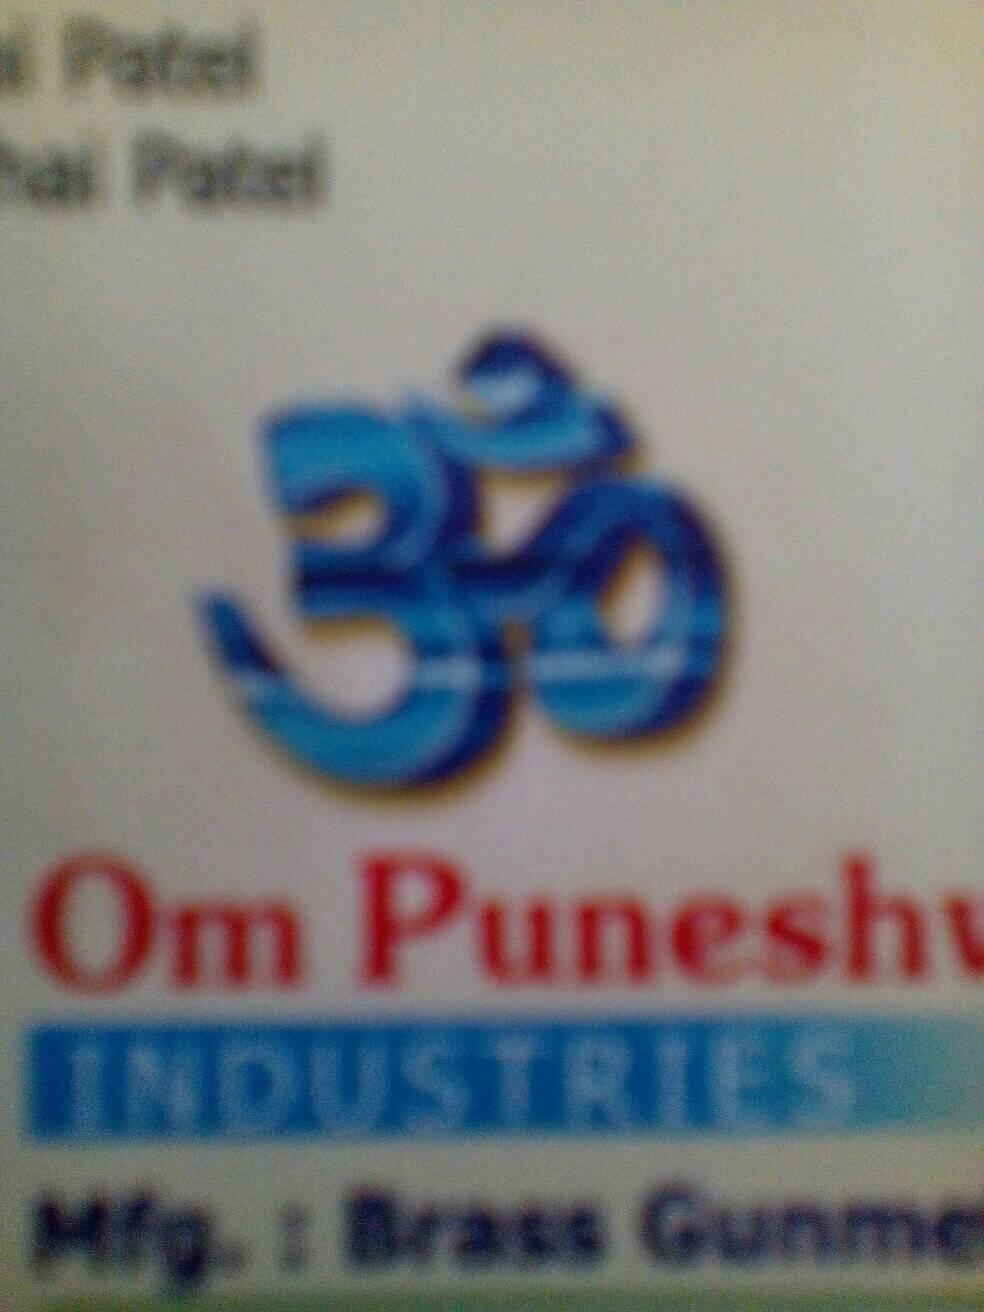 Om Puneshwar